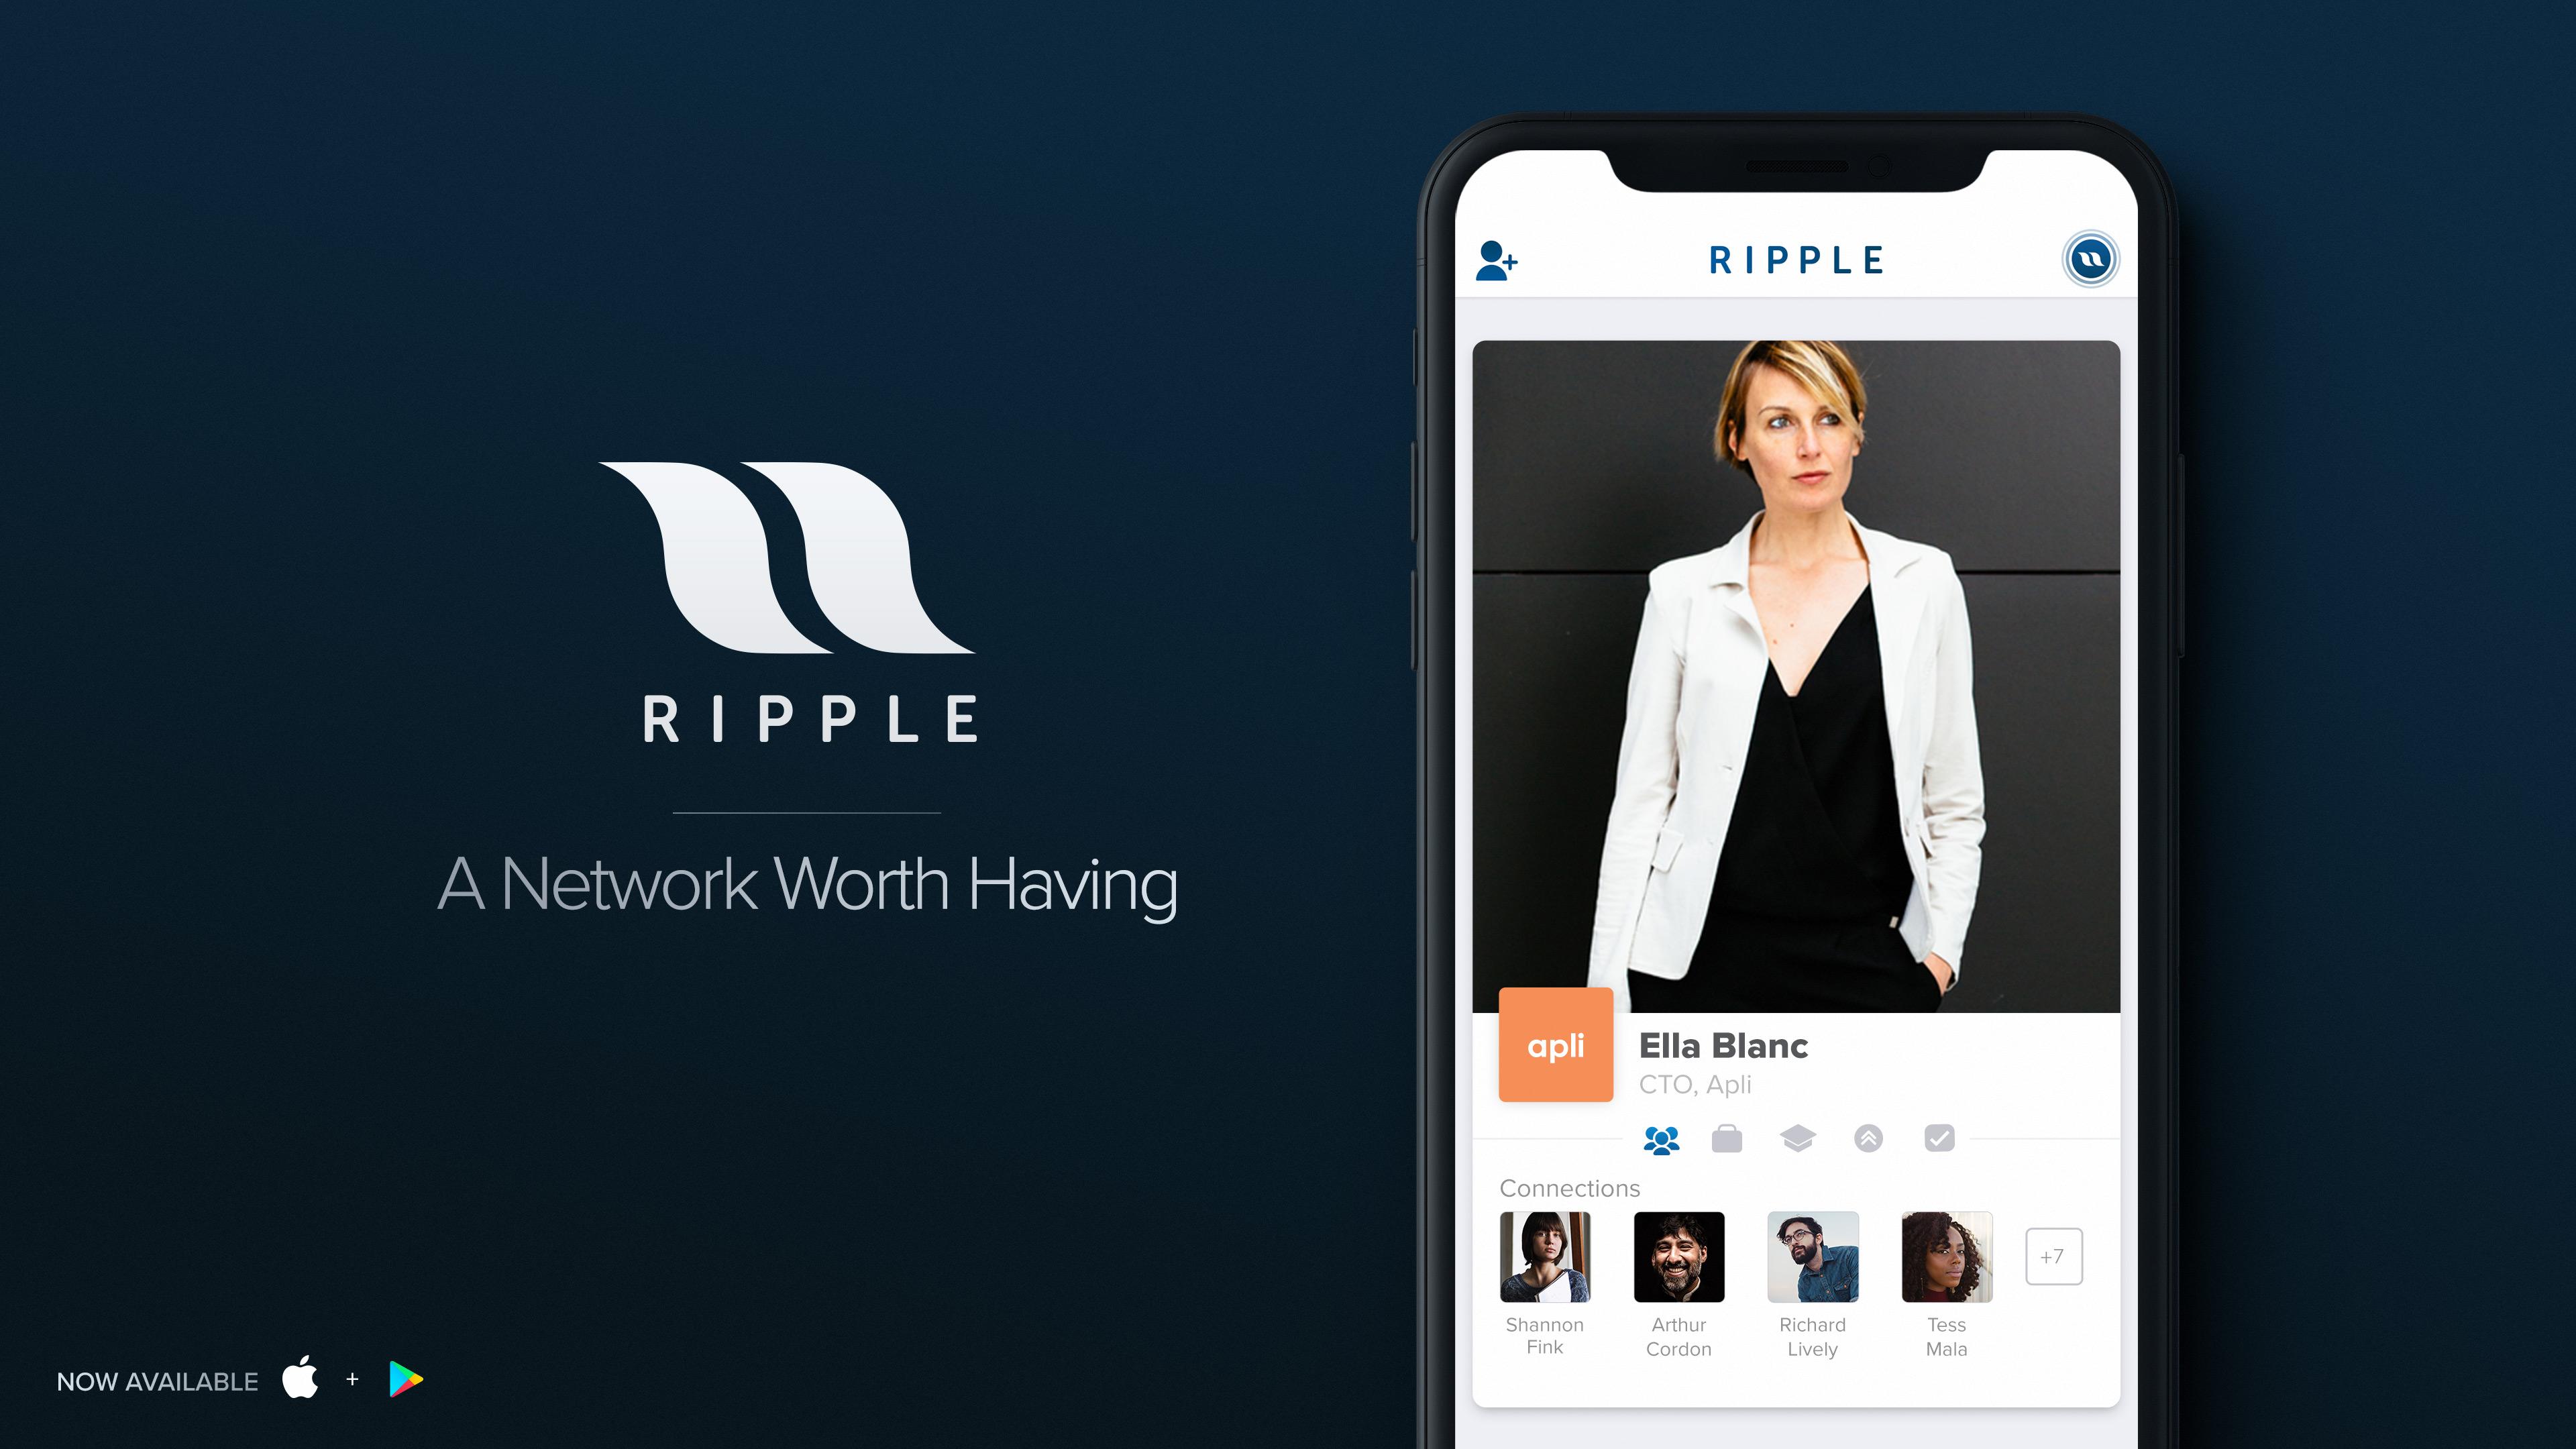 Des anciens employés de Tinder lancent une application de networking — Ripple